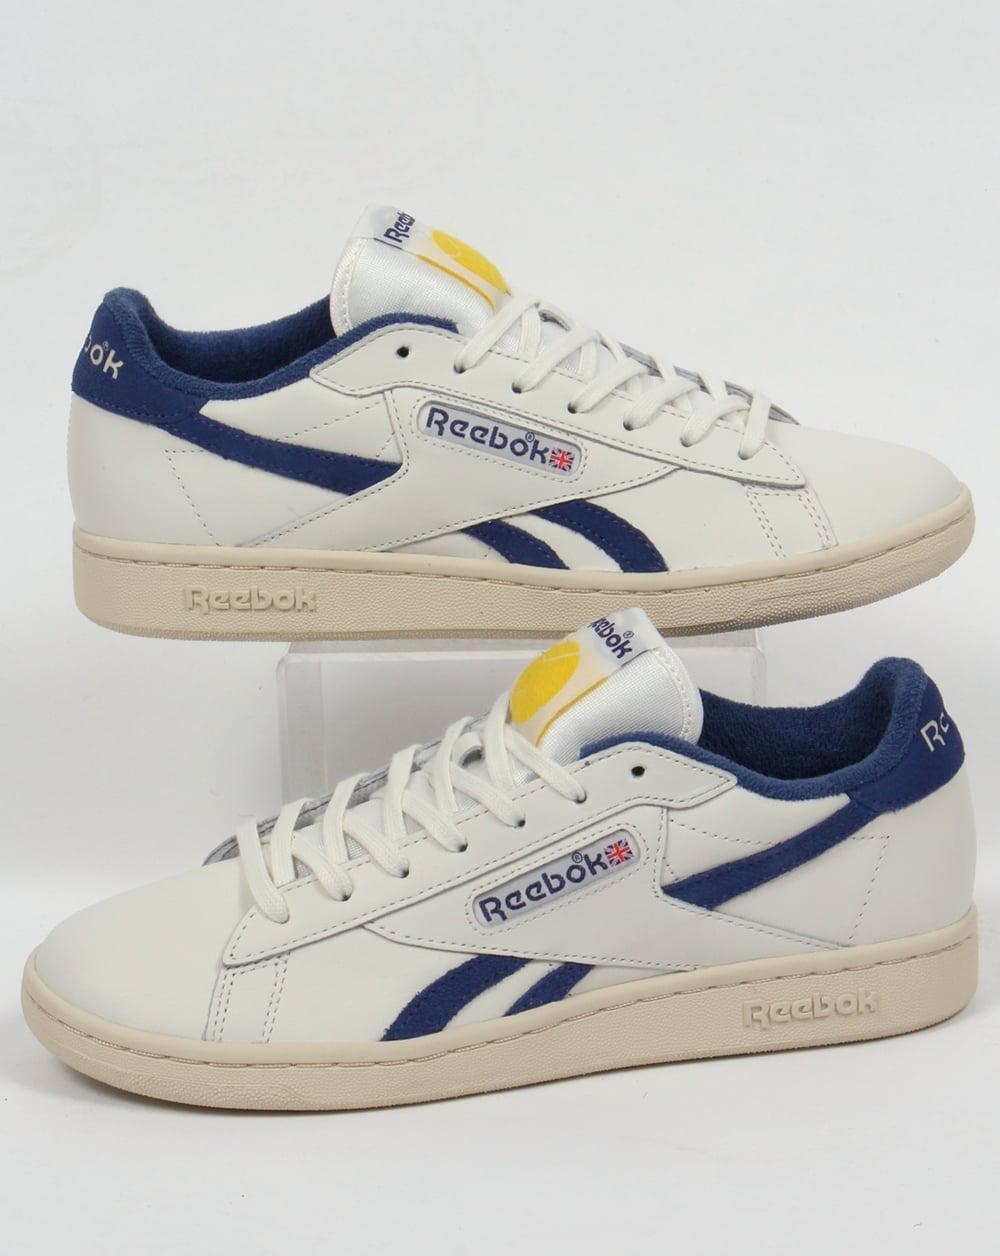 zapatos reebok fotos uk